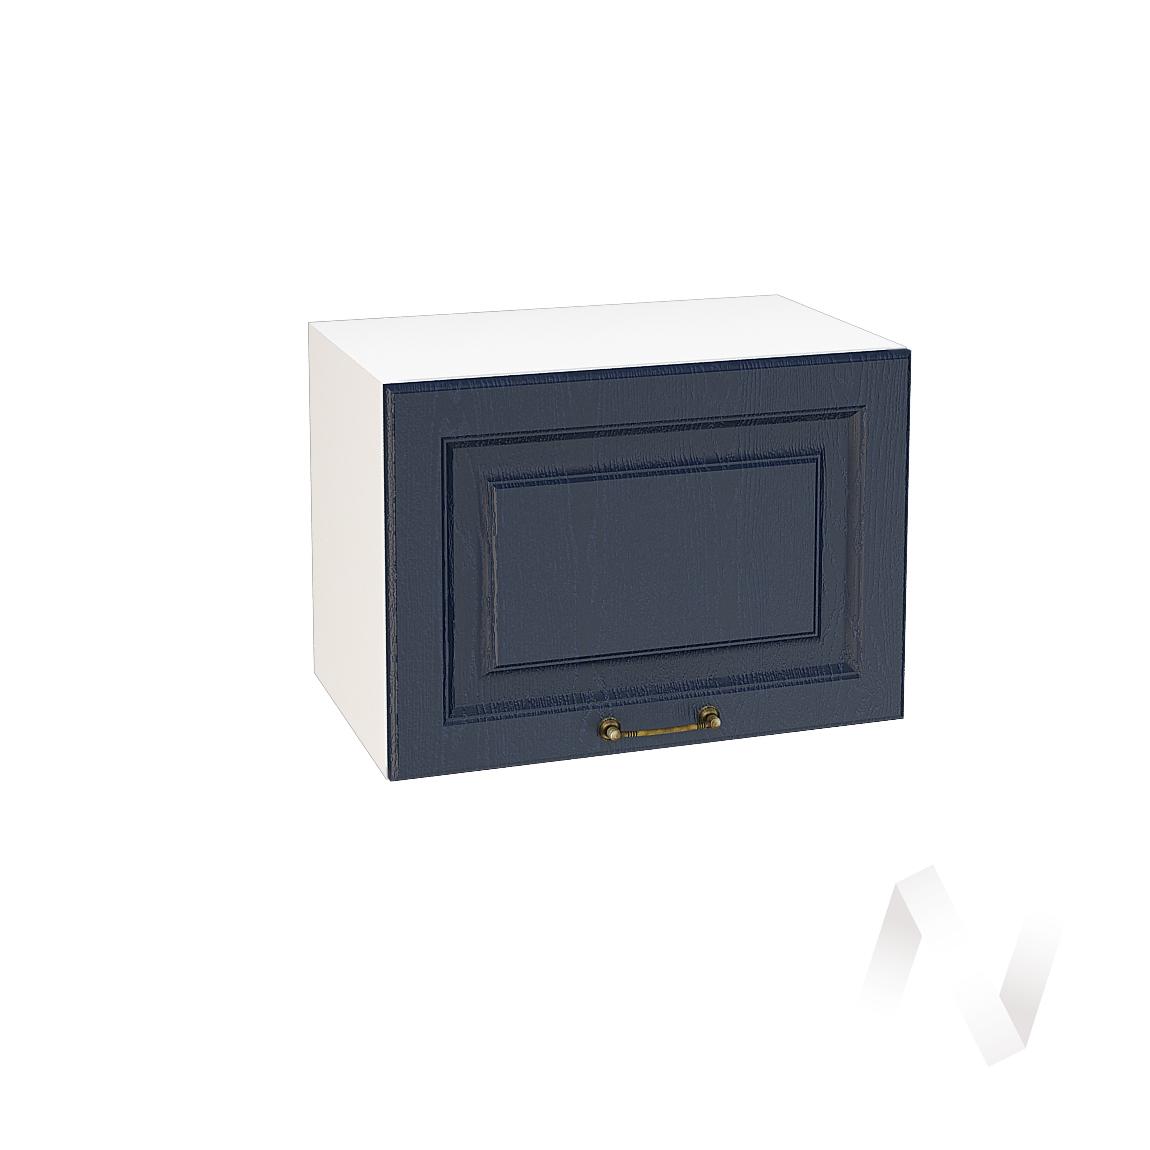 """Кухня """"Ницца"""": Шкаф верхний горизонтальный 500, ШВГ 500 (Дуб чернильный/корпус белый)"""